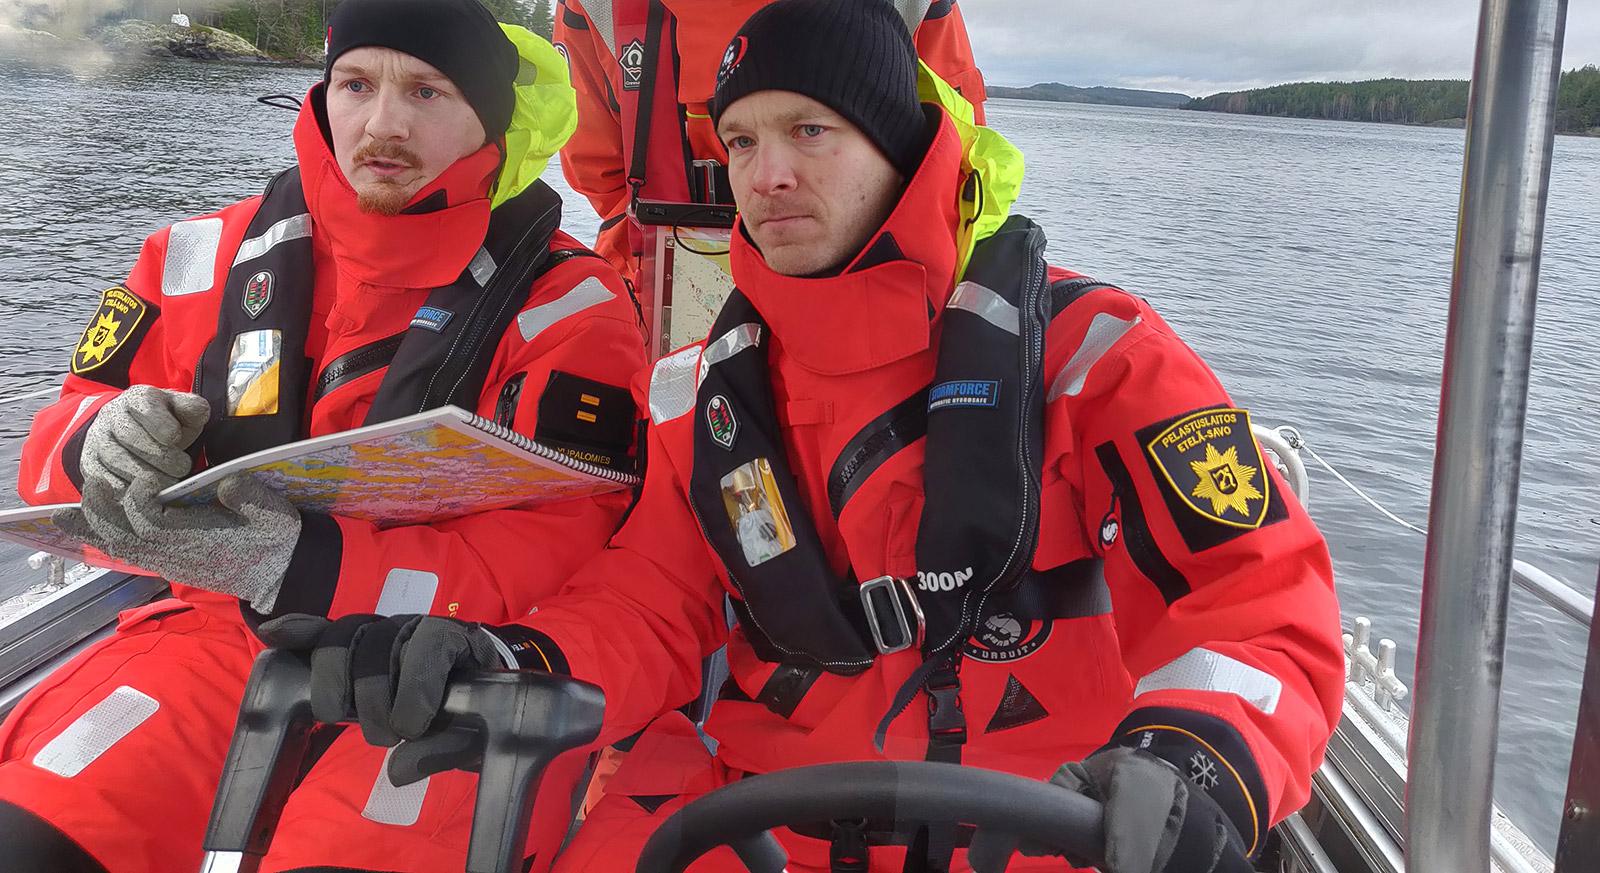 Koulutuksen kohderyhmänä ovat ne palomiehet ja sopimuspalokuntalaiset, joilla ei ole aiempaa venetoiminnan koulutusta. Tavoitteena ovat turvalliset ja tehokkaat perustoimintamallit alustyöskentelyyn. Ohjaamotyöskentelyä harjoittelemassa ylipalomiehet Antti Aholin (vas.) ja Iivari Valkonen.